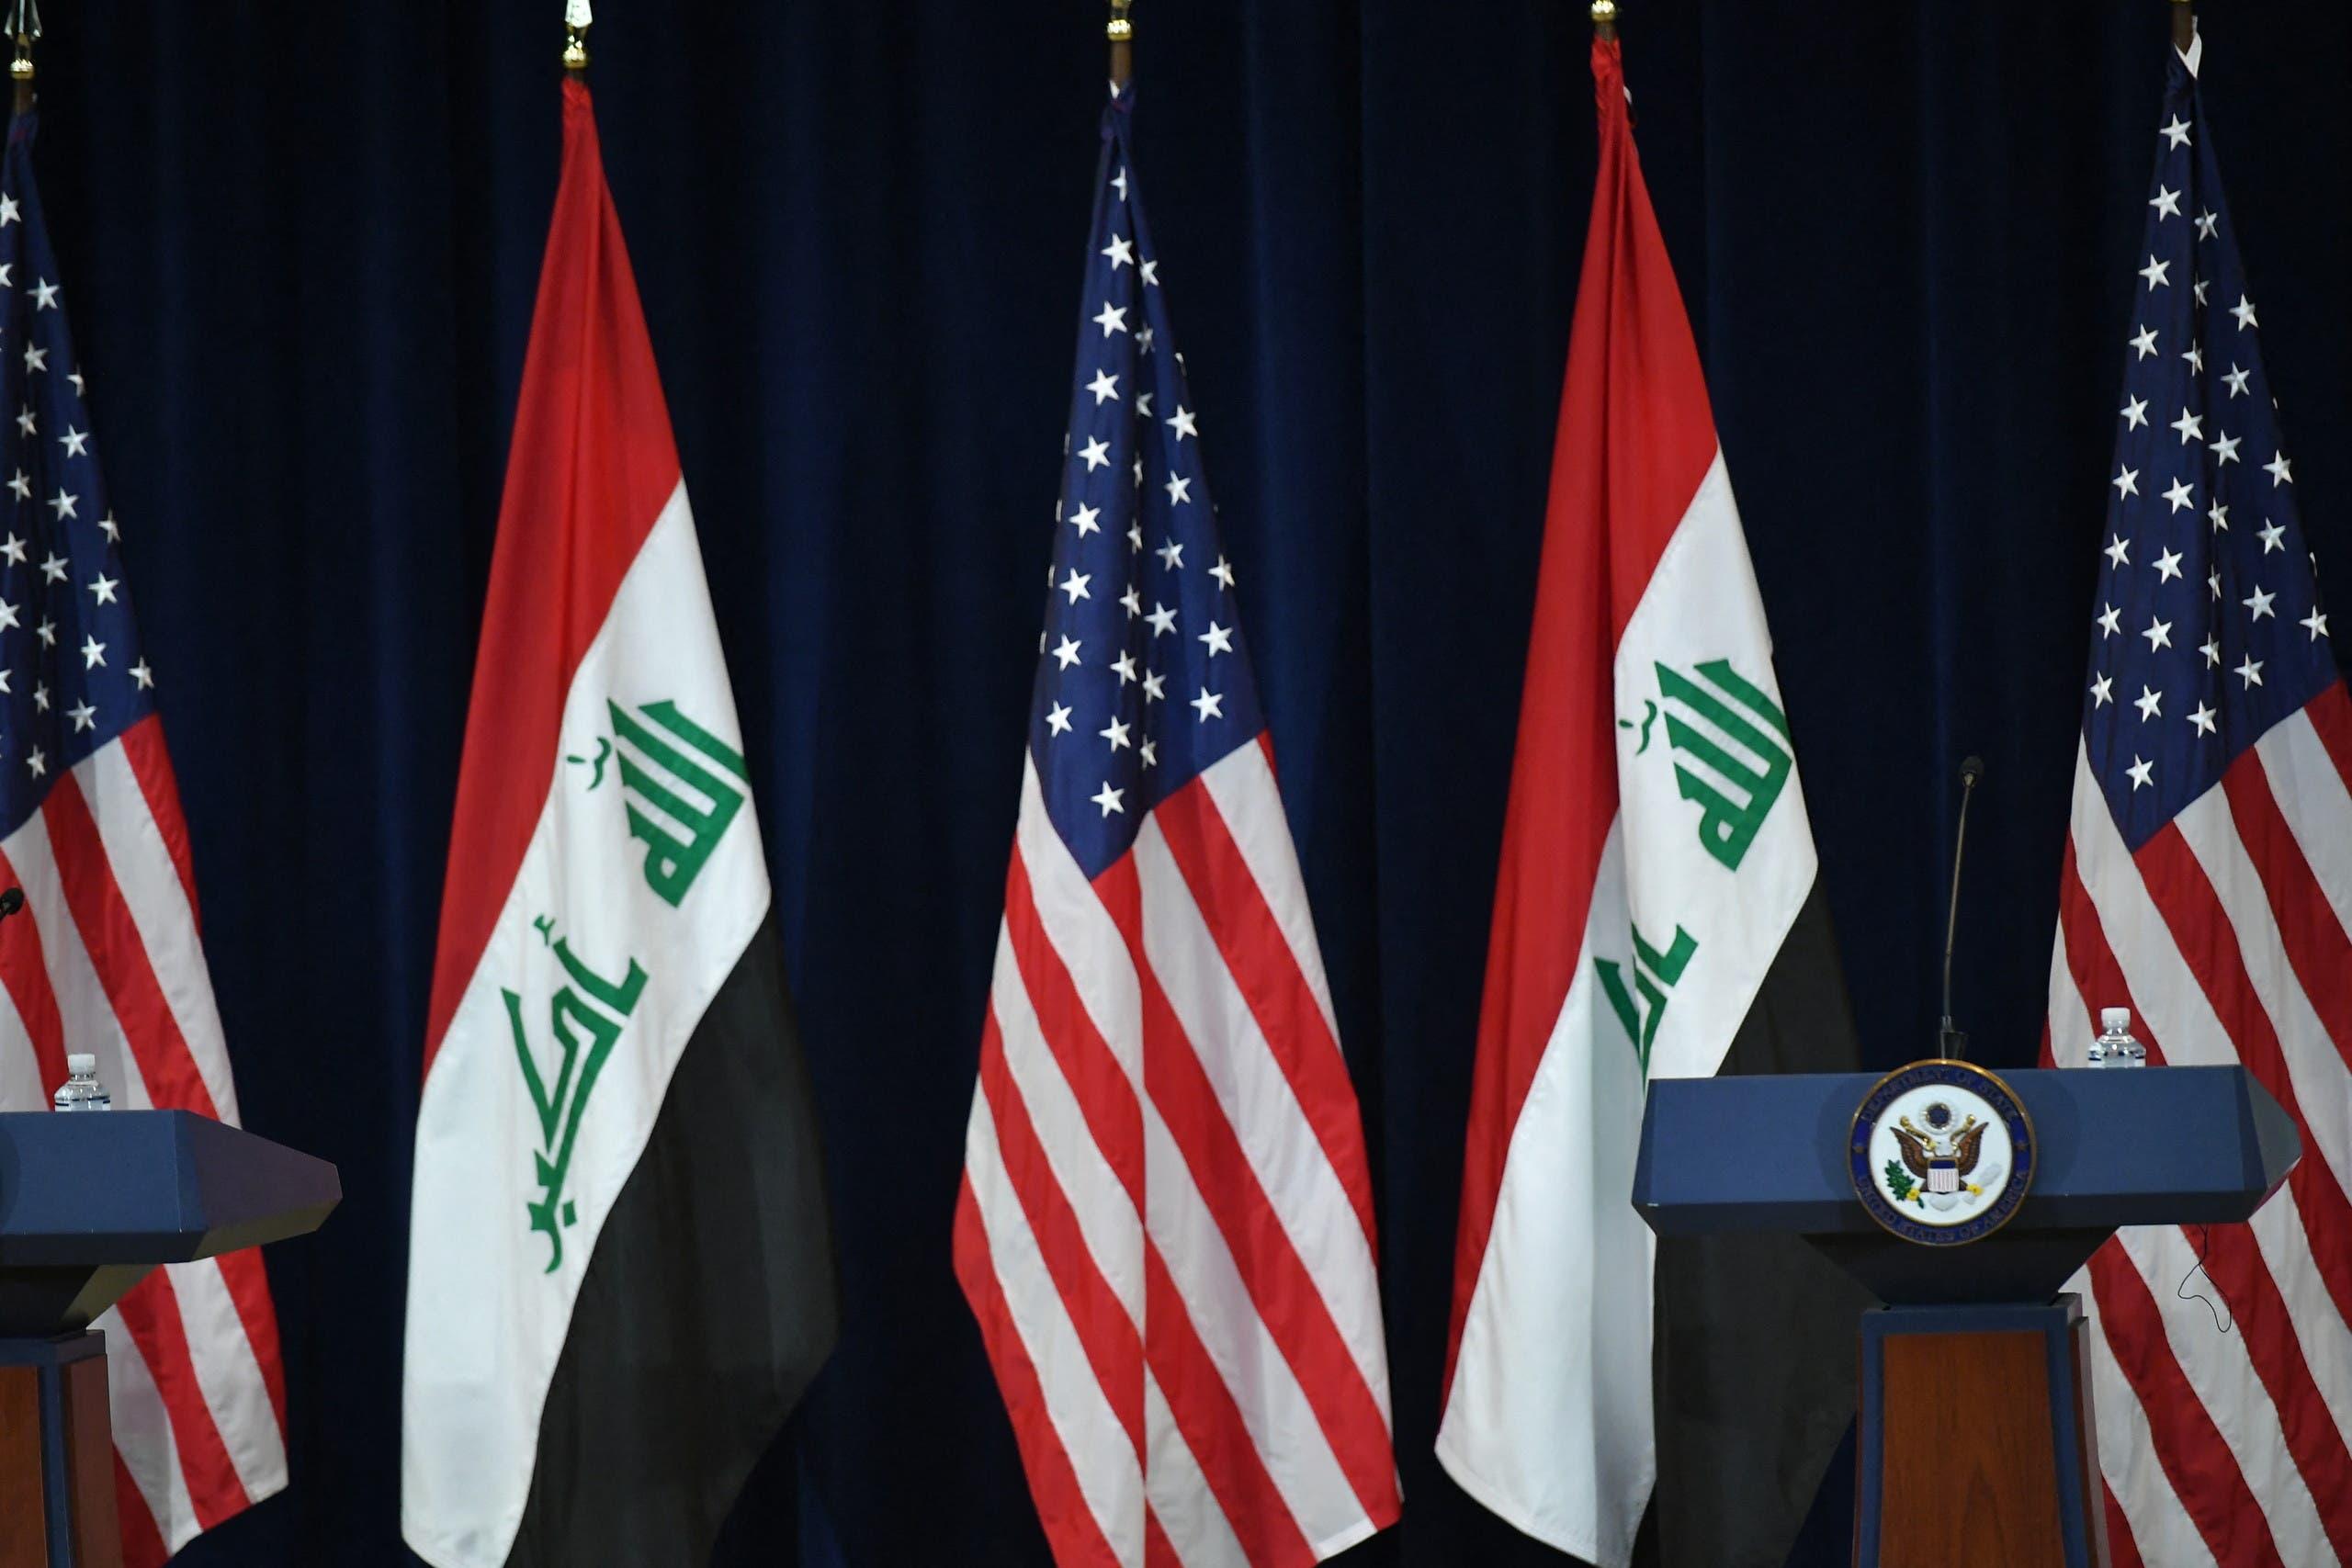 علما العراق وأميركا